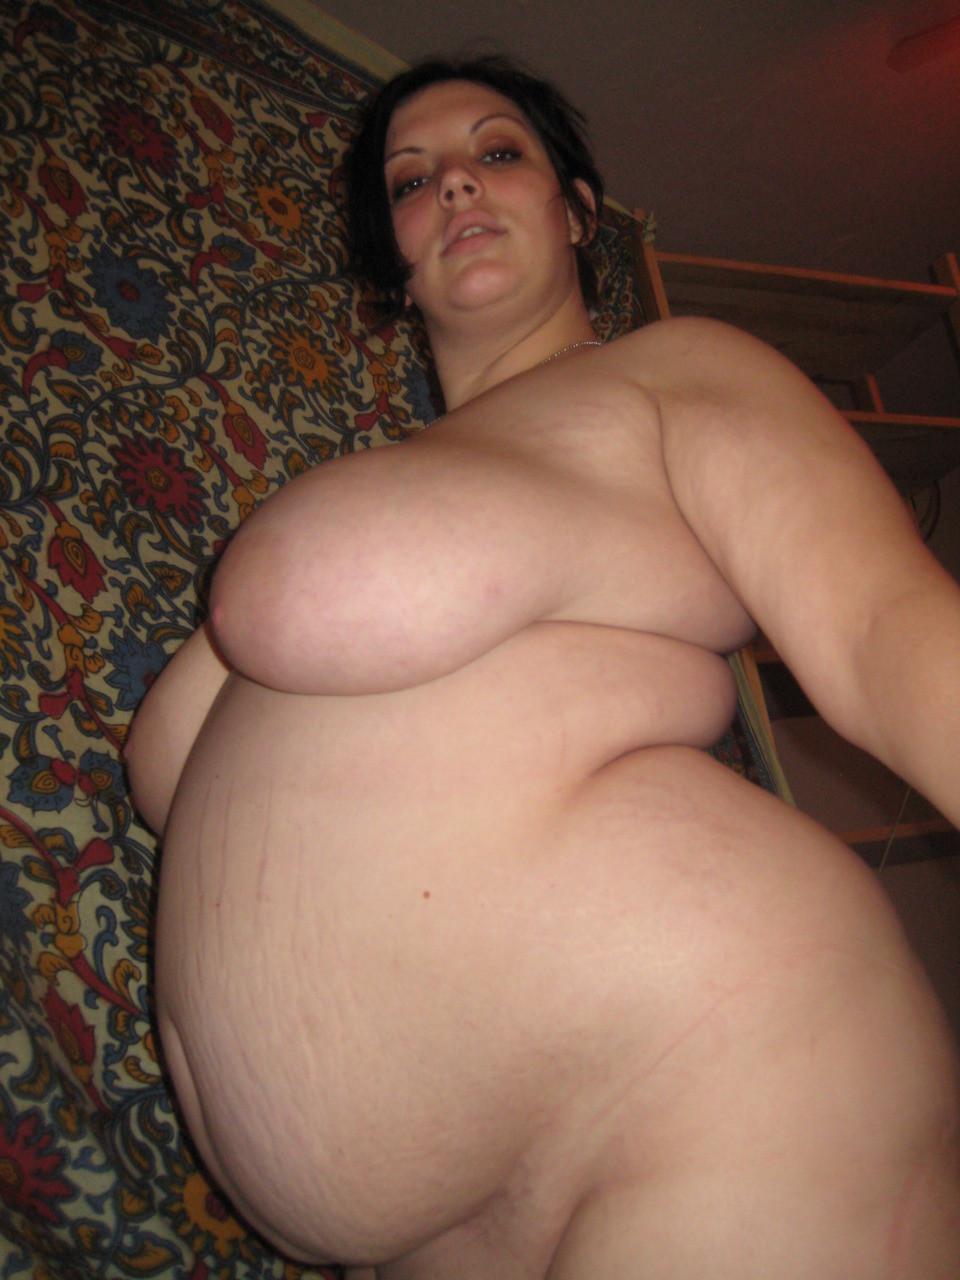 толстушки фото с очень огромным пузом интимное това авторката този